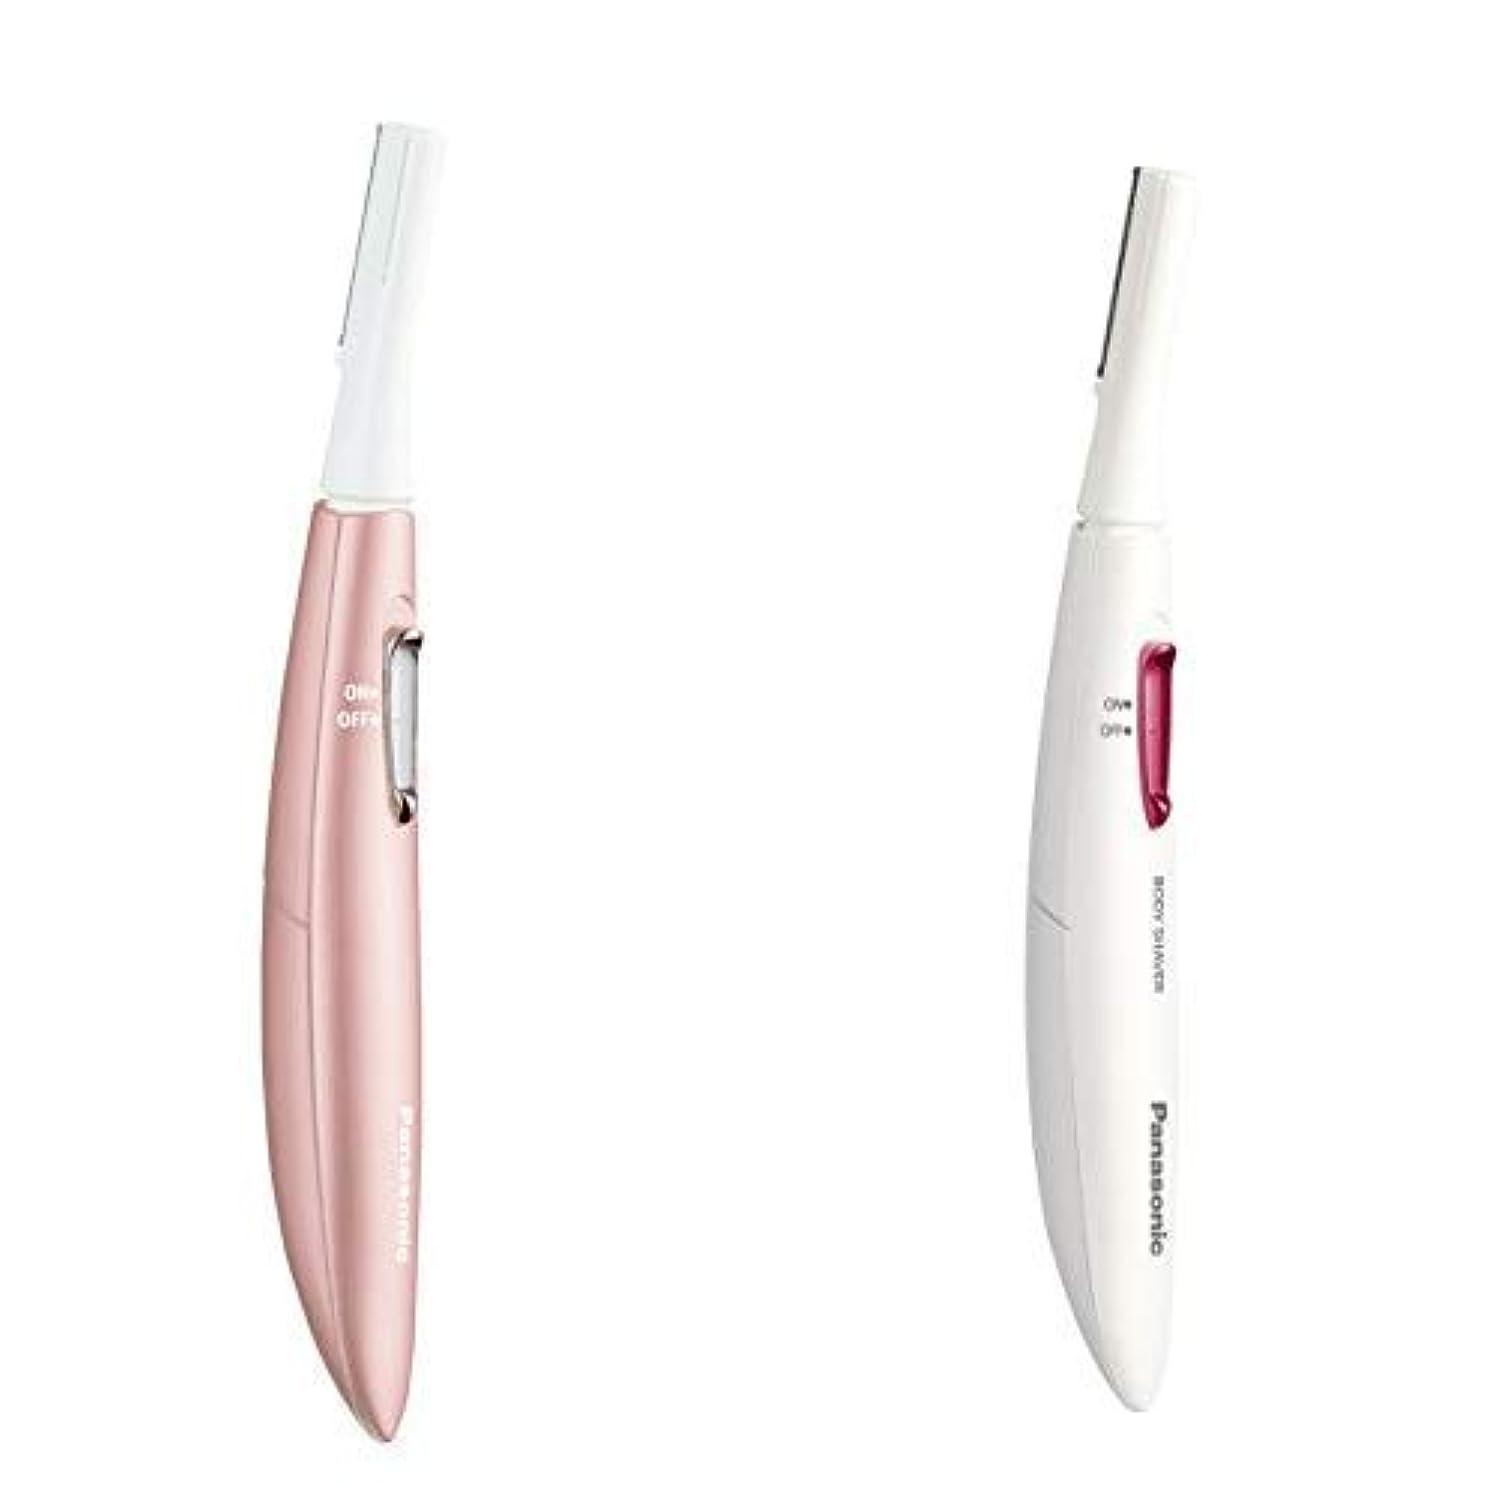 定常安全栄光のパナソニック フェイスシェーバー フェリエ ピンク ES-WF61-P + レディースシェーバー フェリエ ボディ用 セット